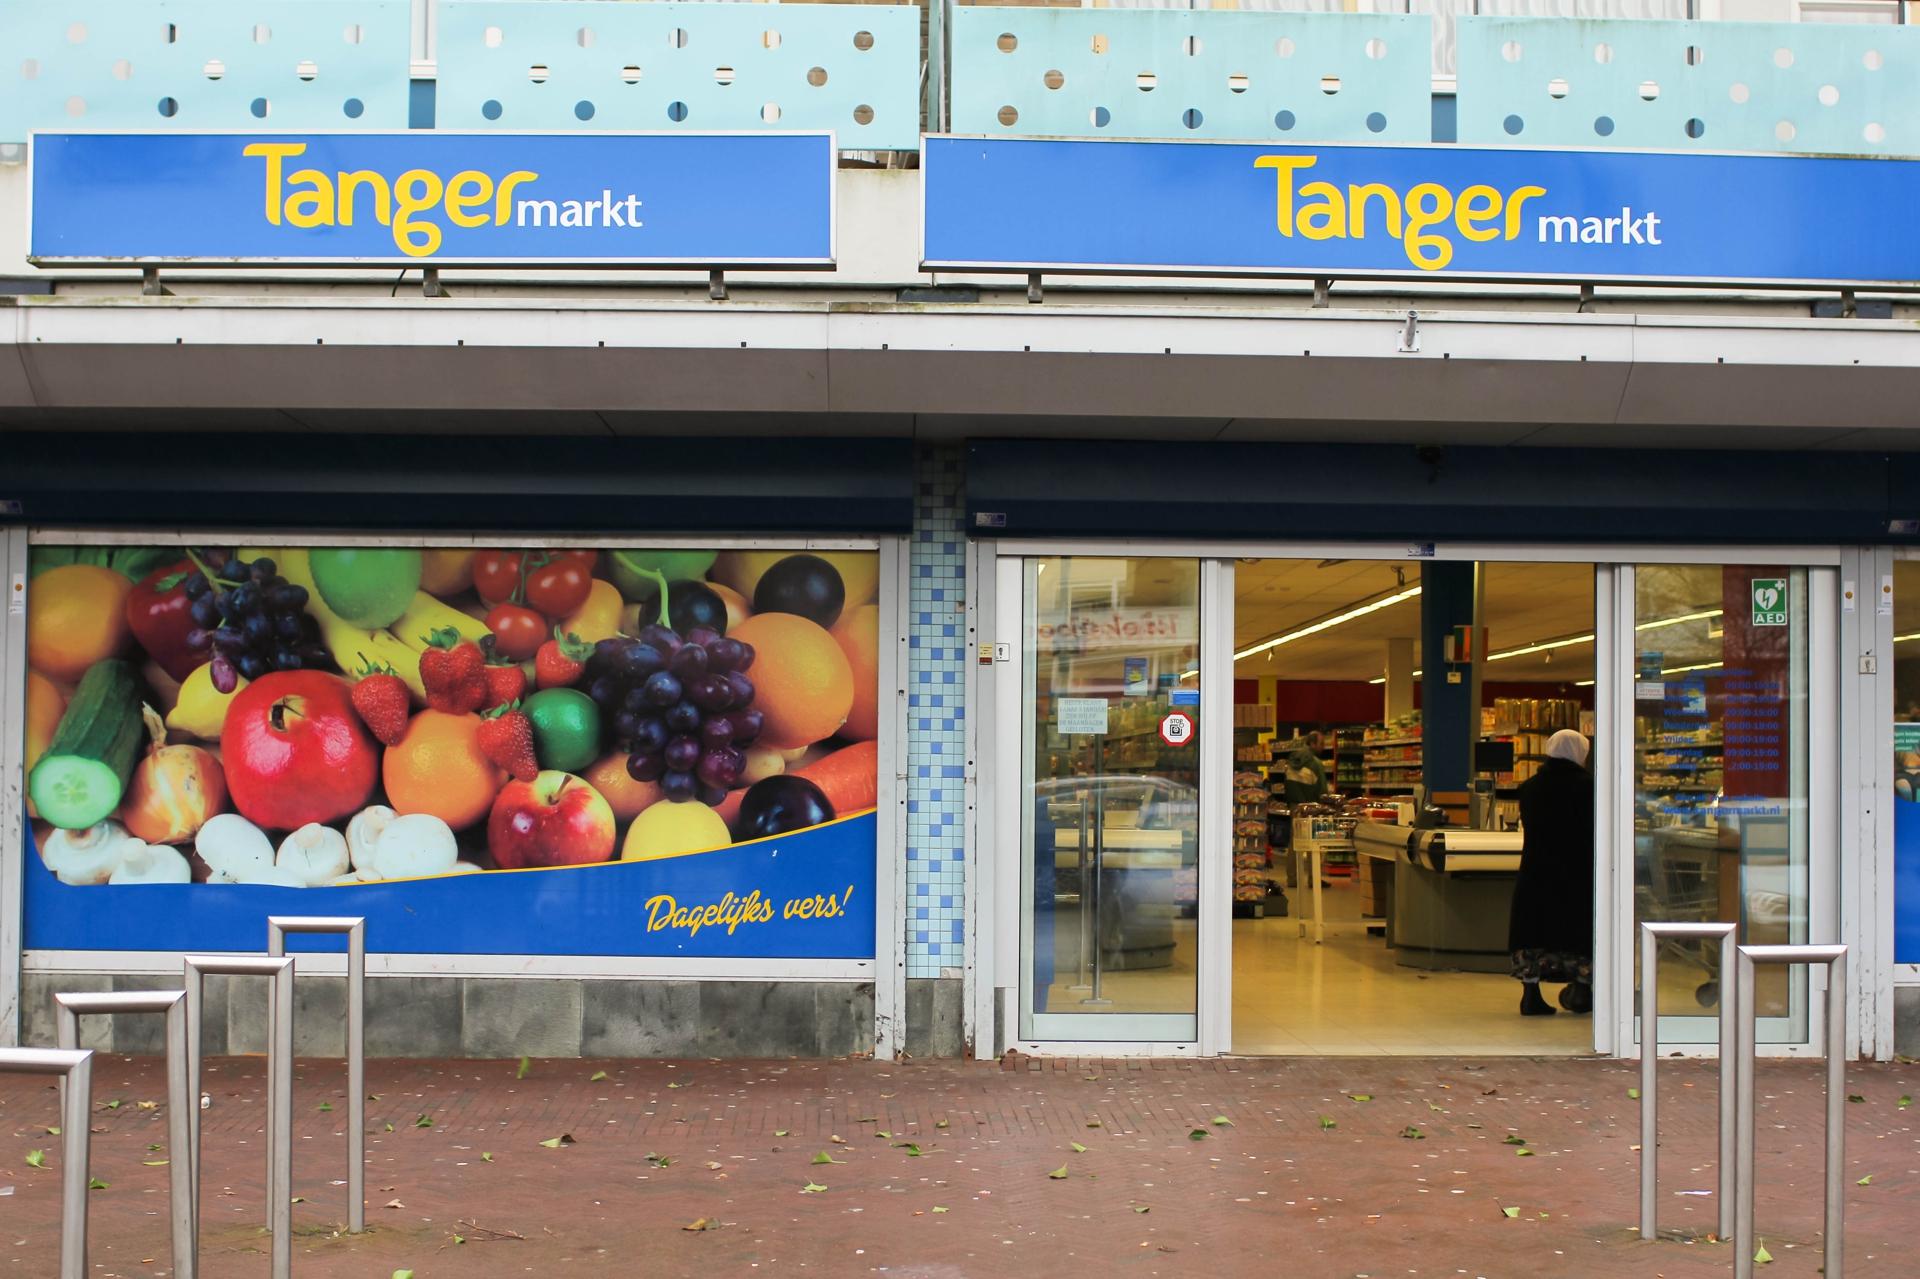 Tanger markt huurt 1000 m winkelruimte in eindhoven for Tanger amsterdam